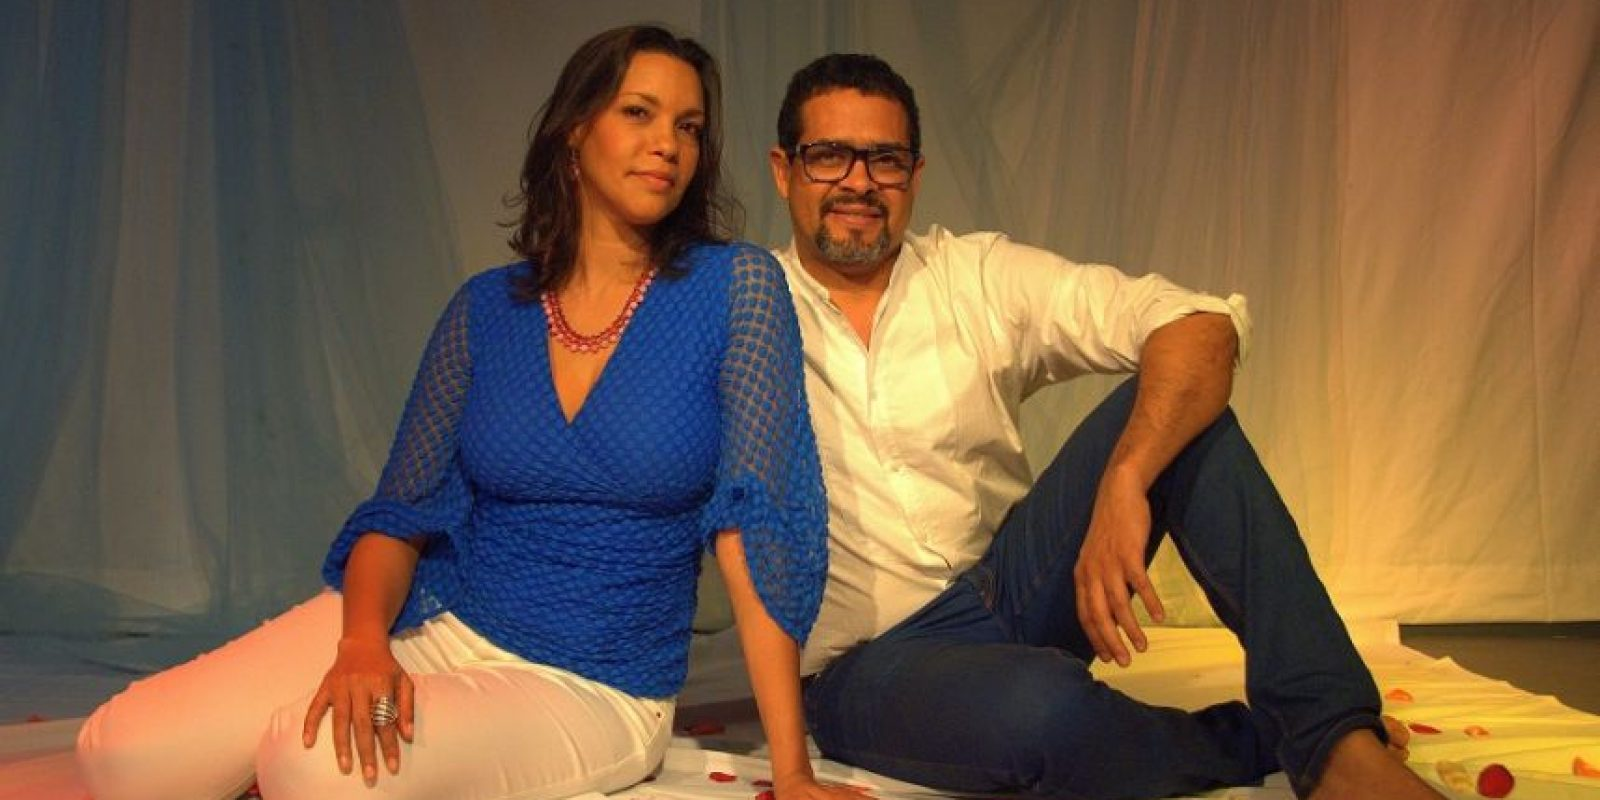 Viena González y Claudio Rivera, creadores del Guloya. Foto:Fuente externa